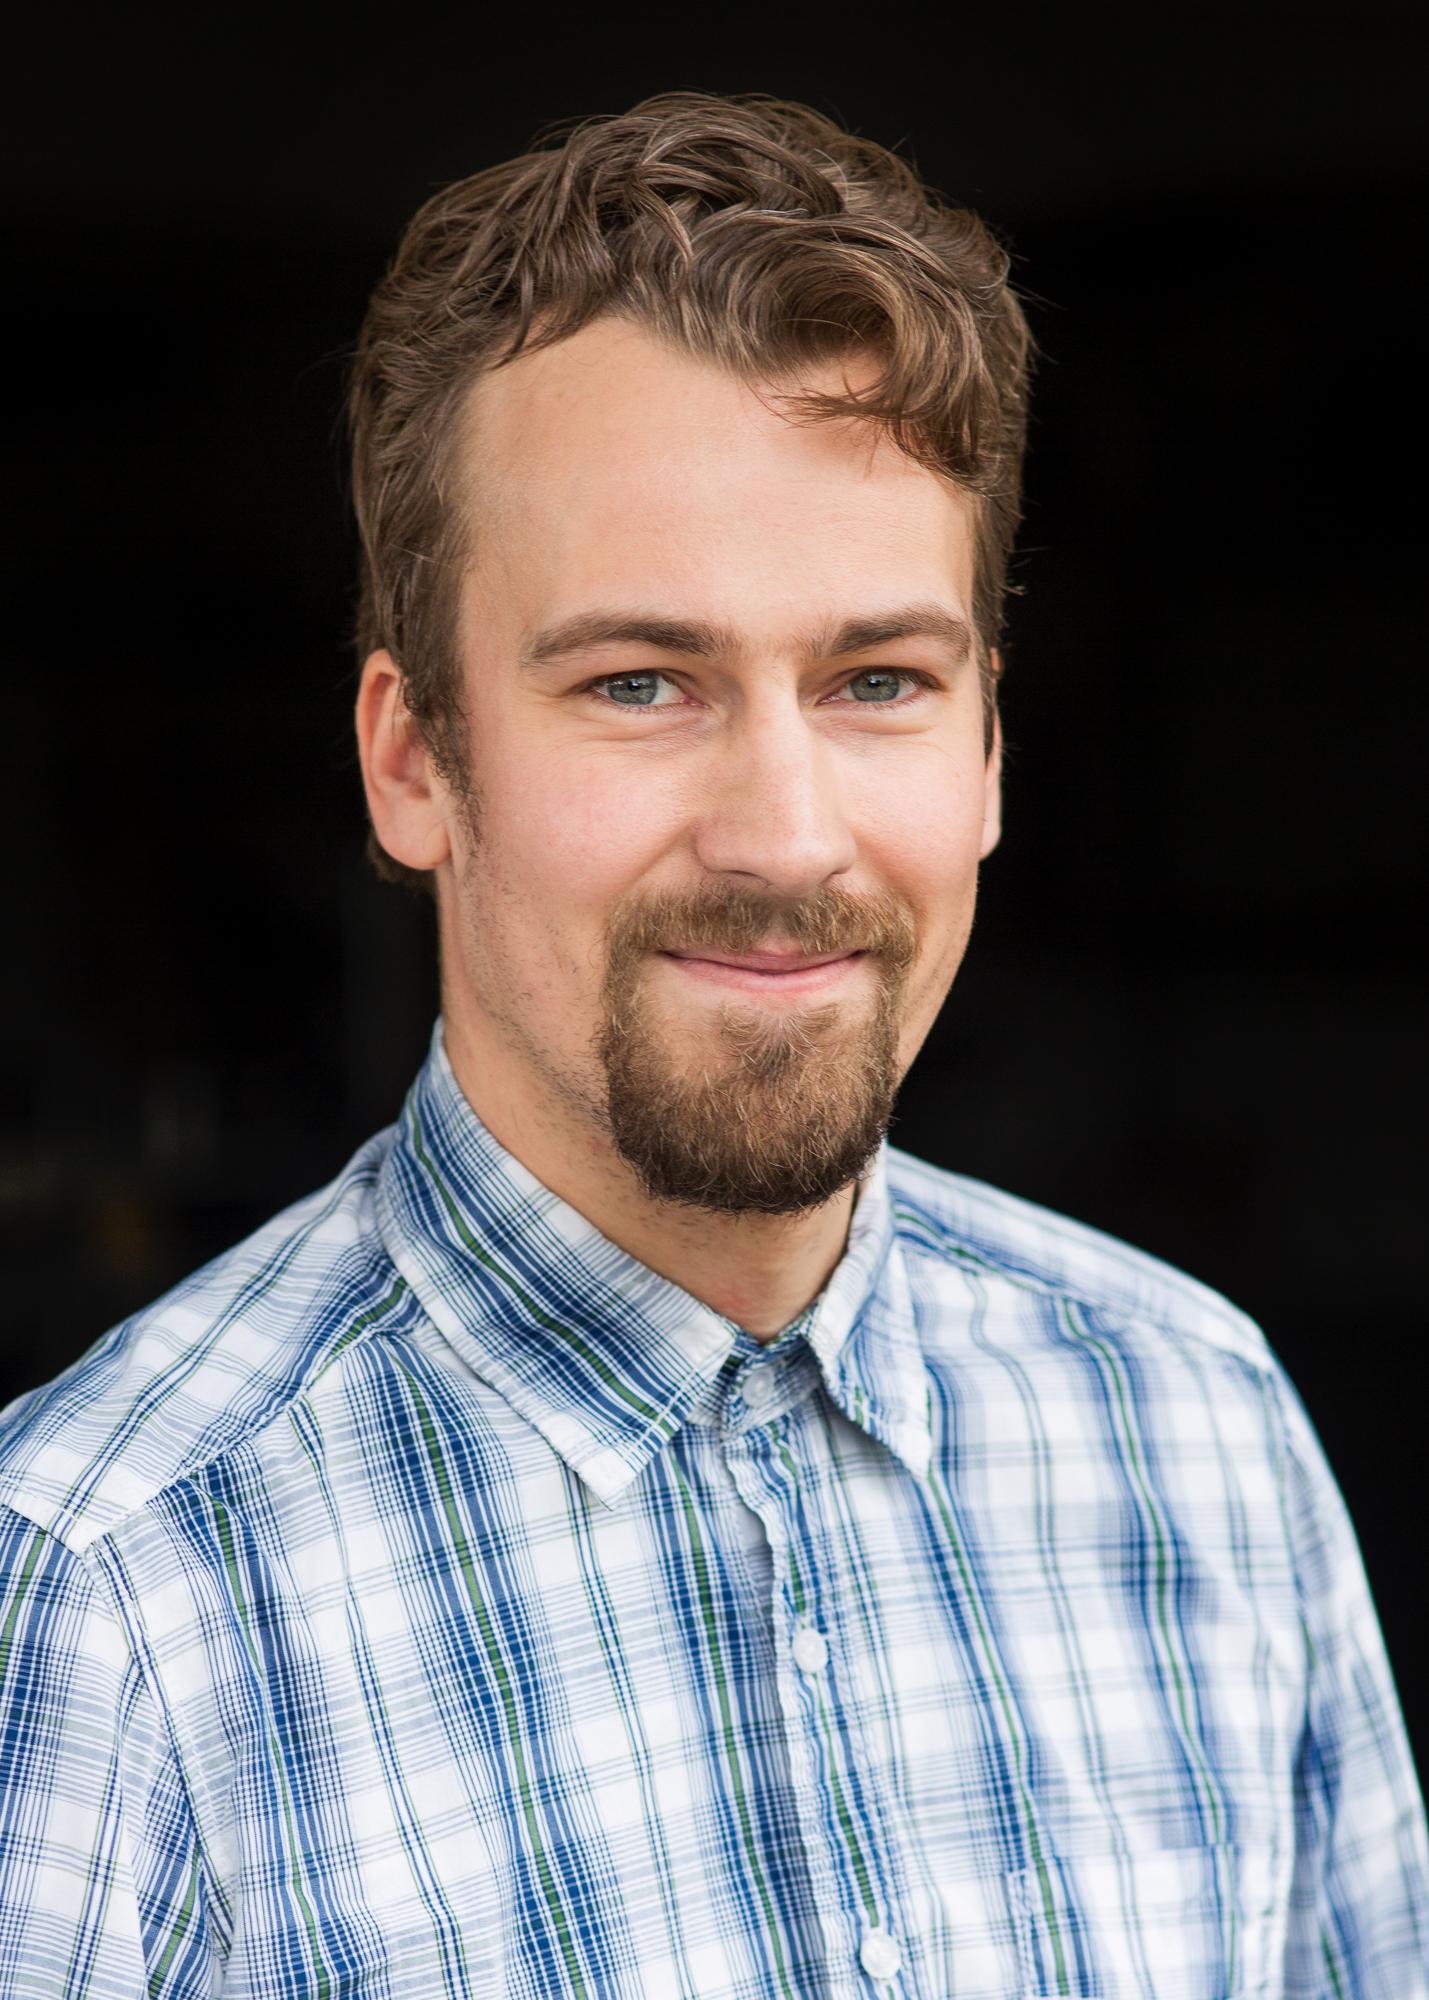 Fredrik Haaseth